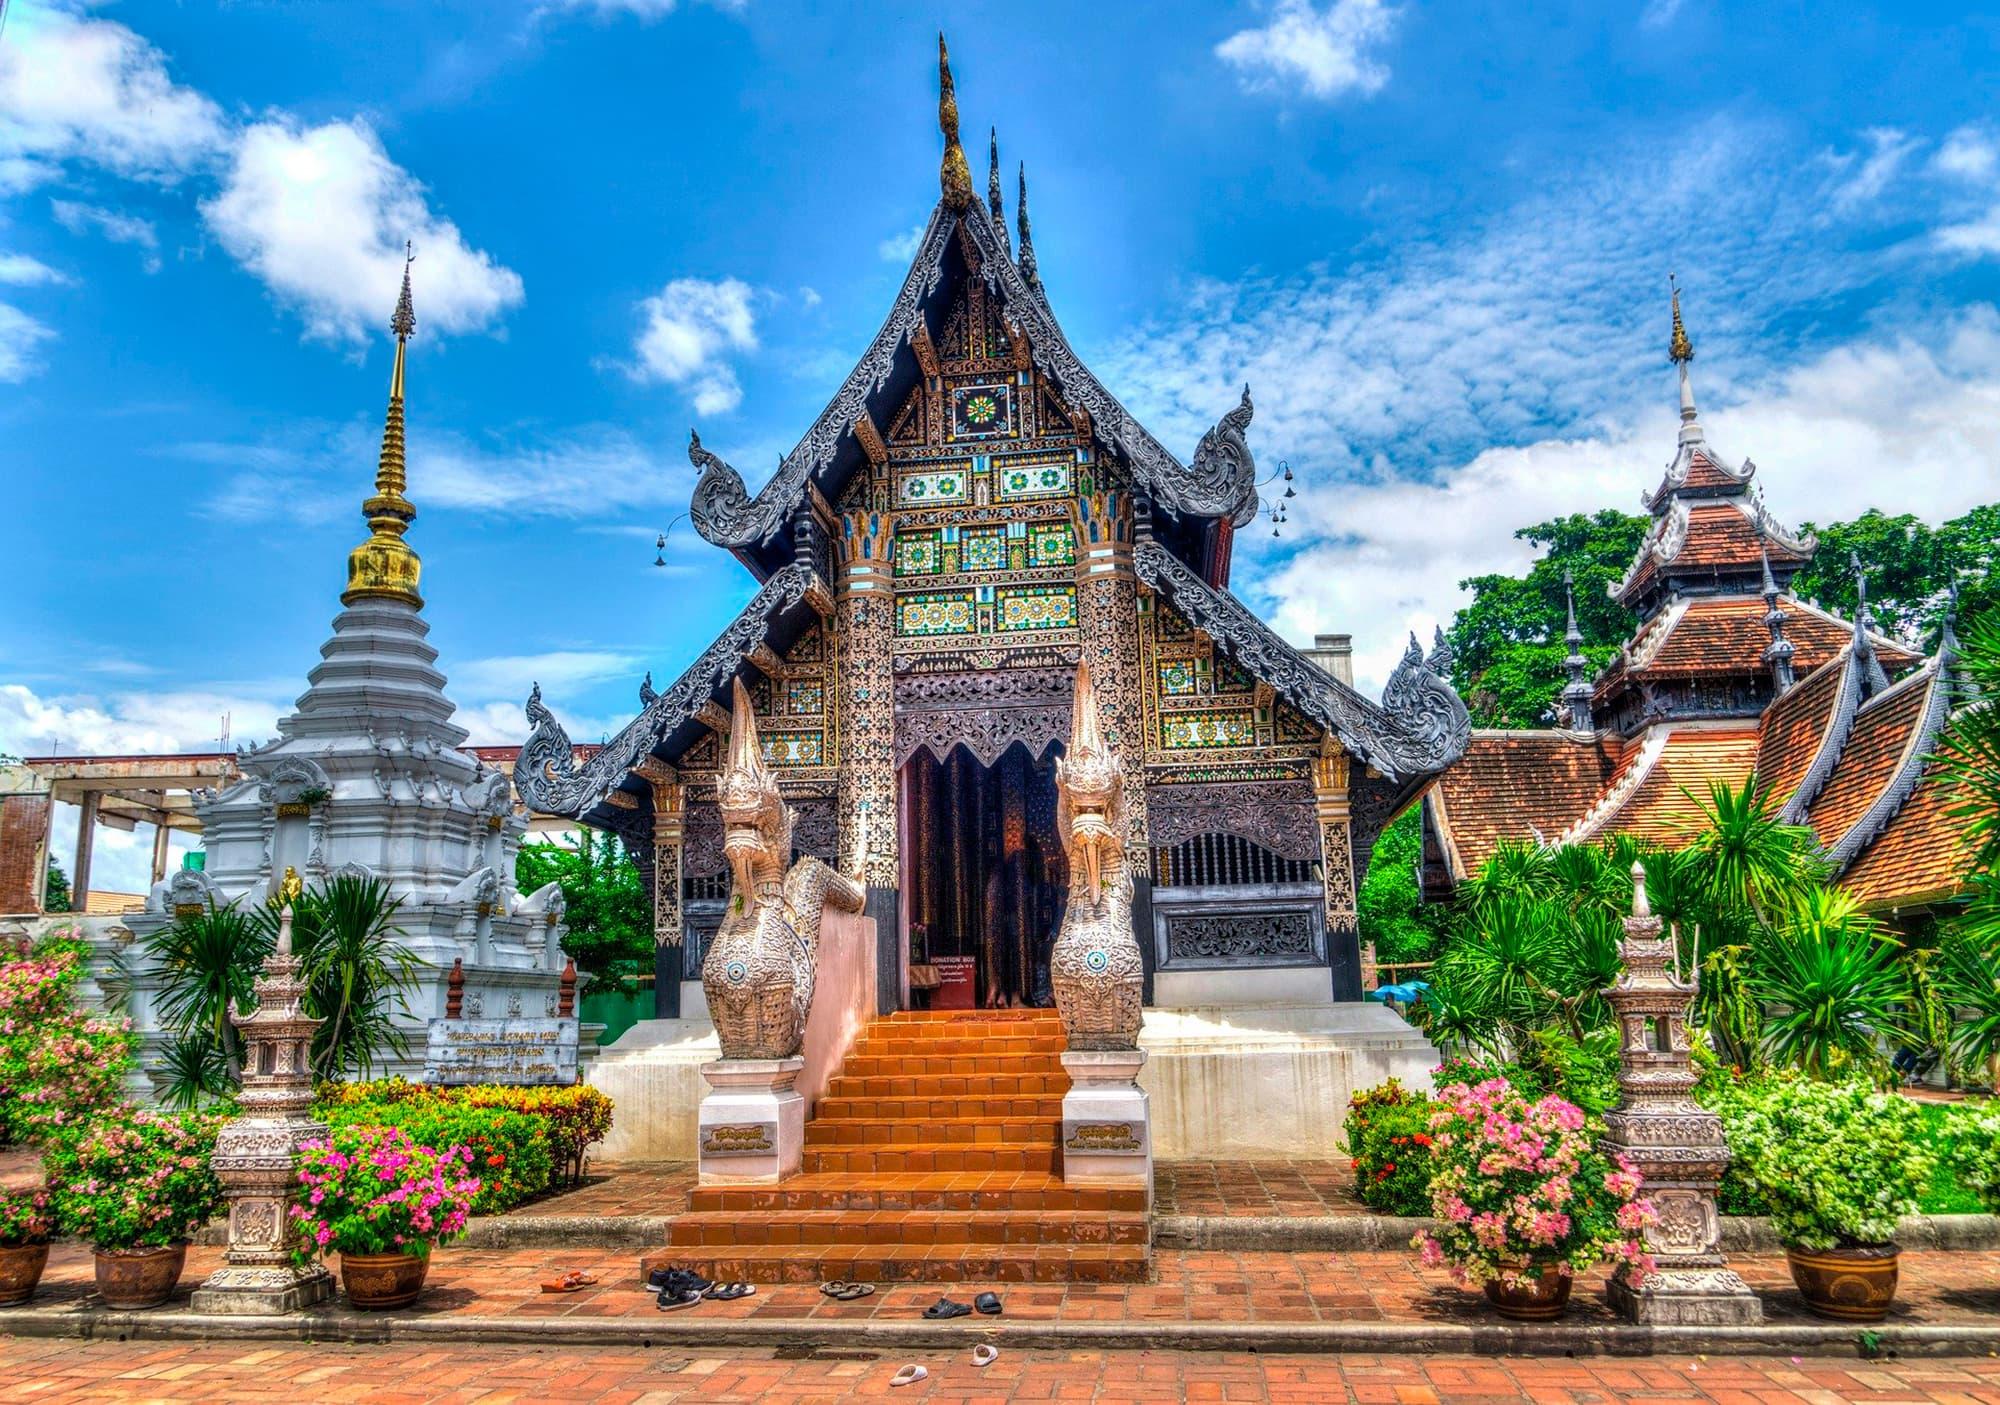 Tailandia del norte en hoteles boutique - Tailandia- imagen #1